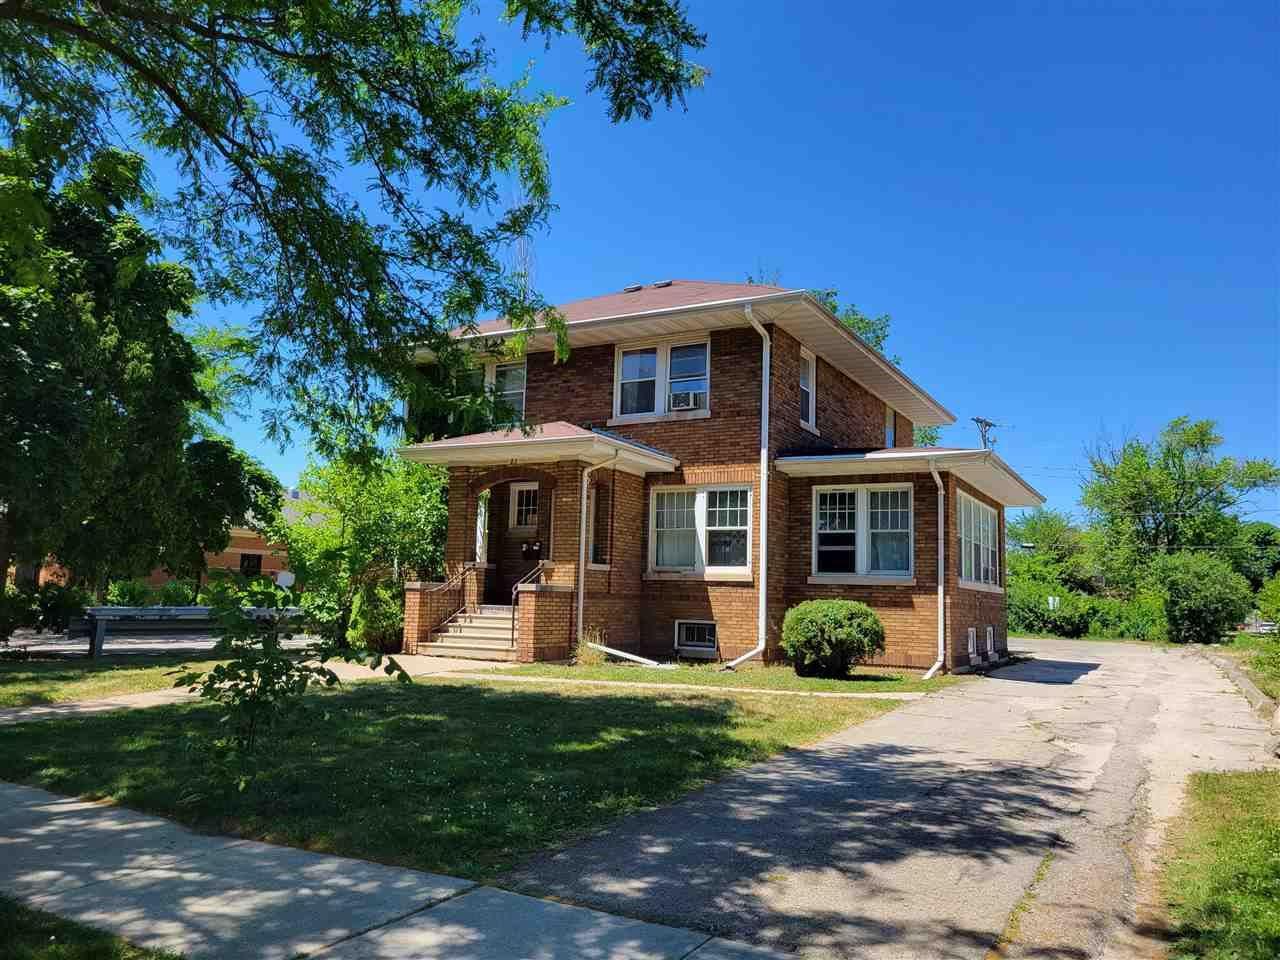 85 SHEBOYGAN Street, Fond du Lac, WI 54935 - MLS#: 50242237